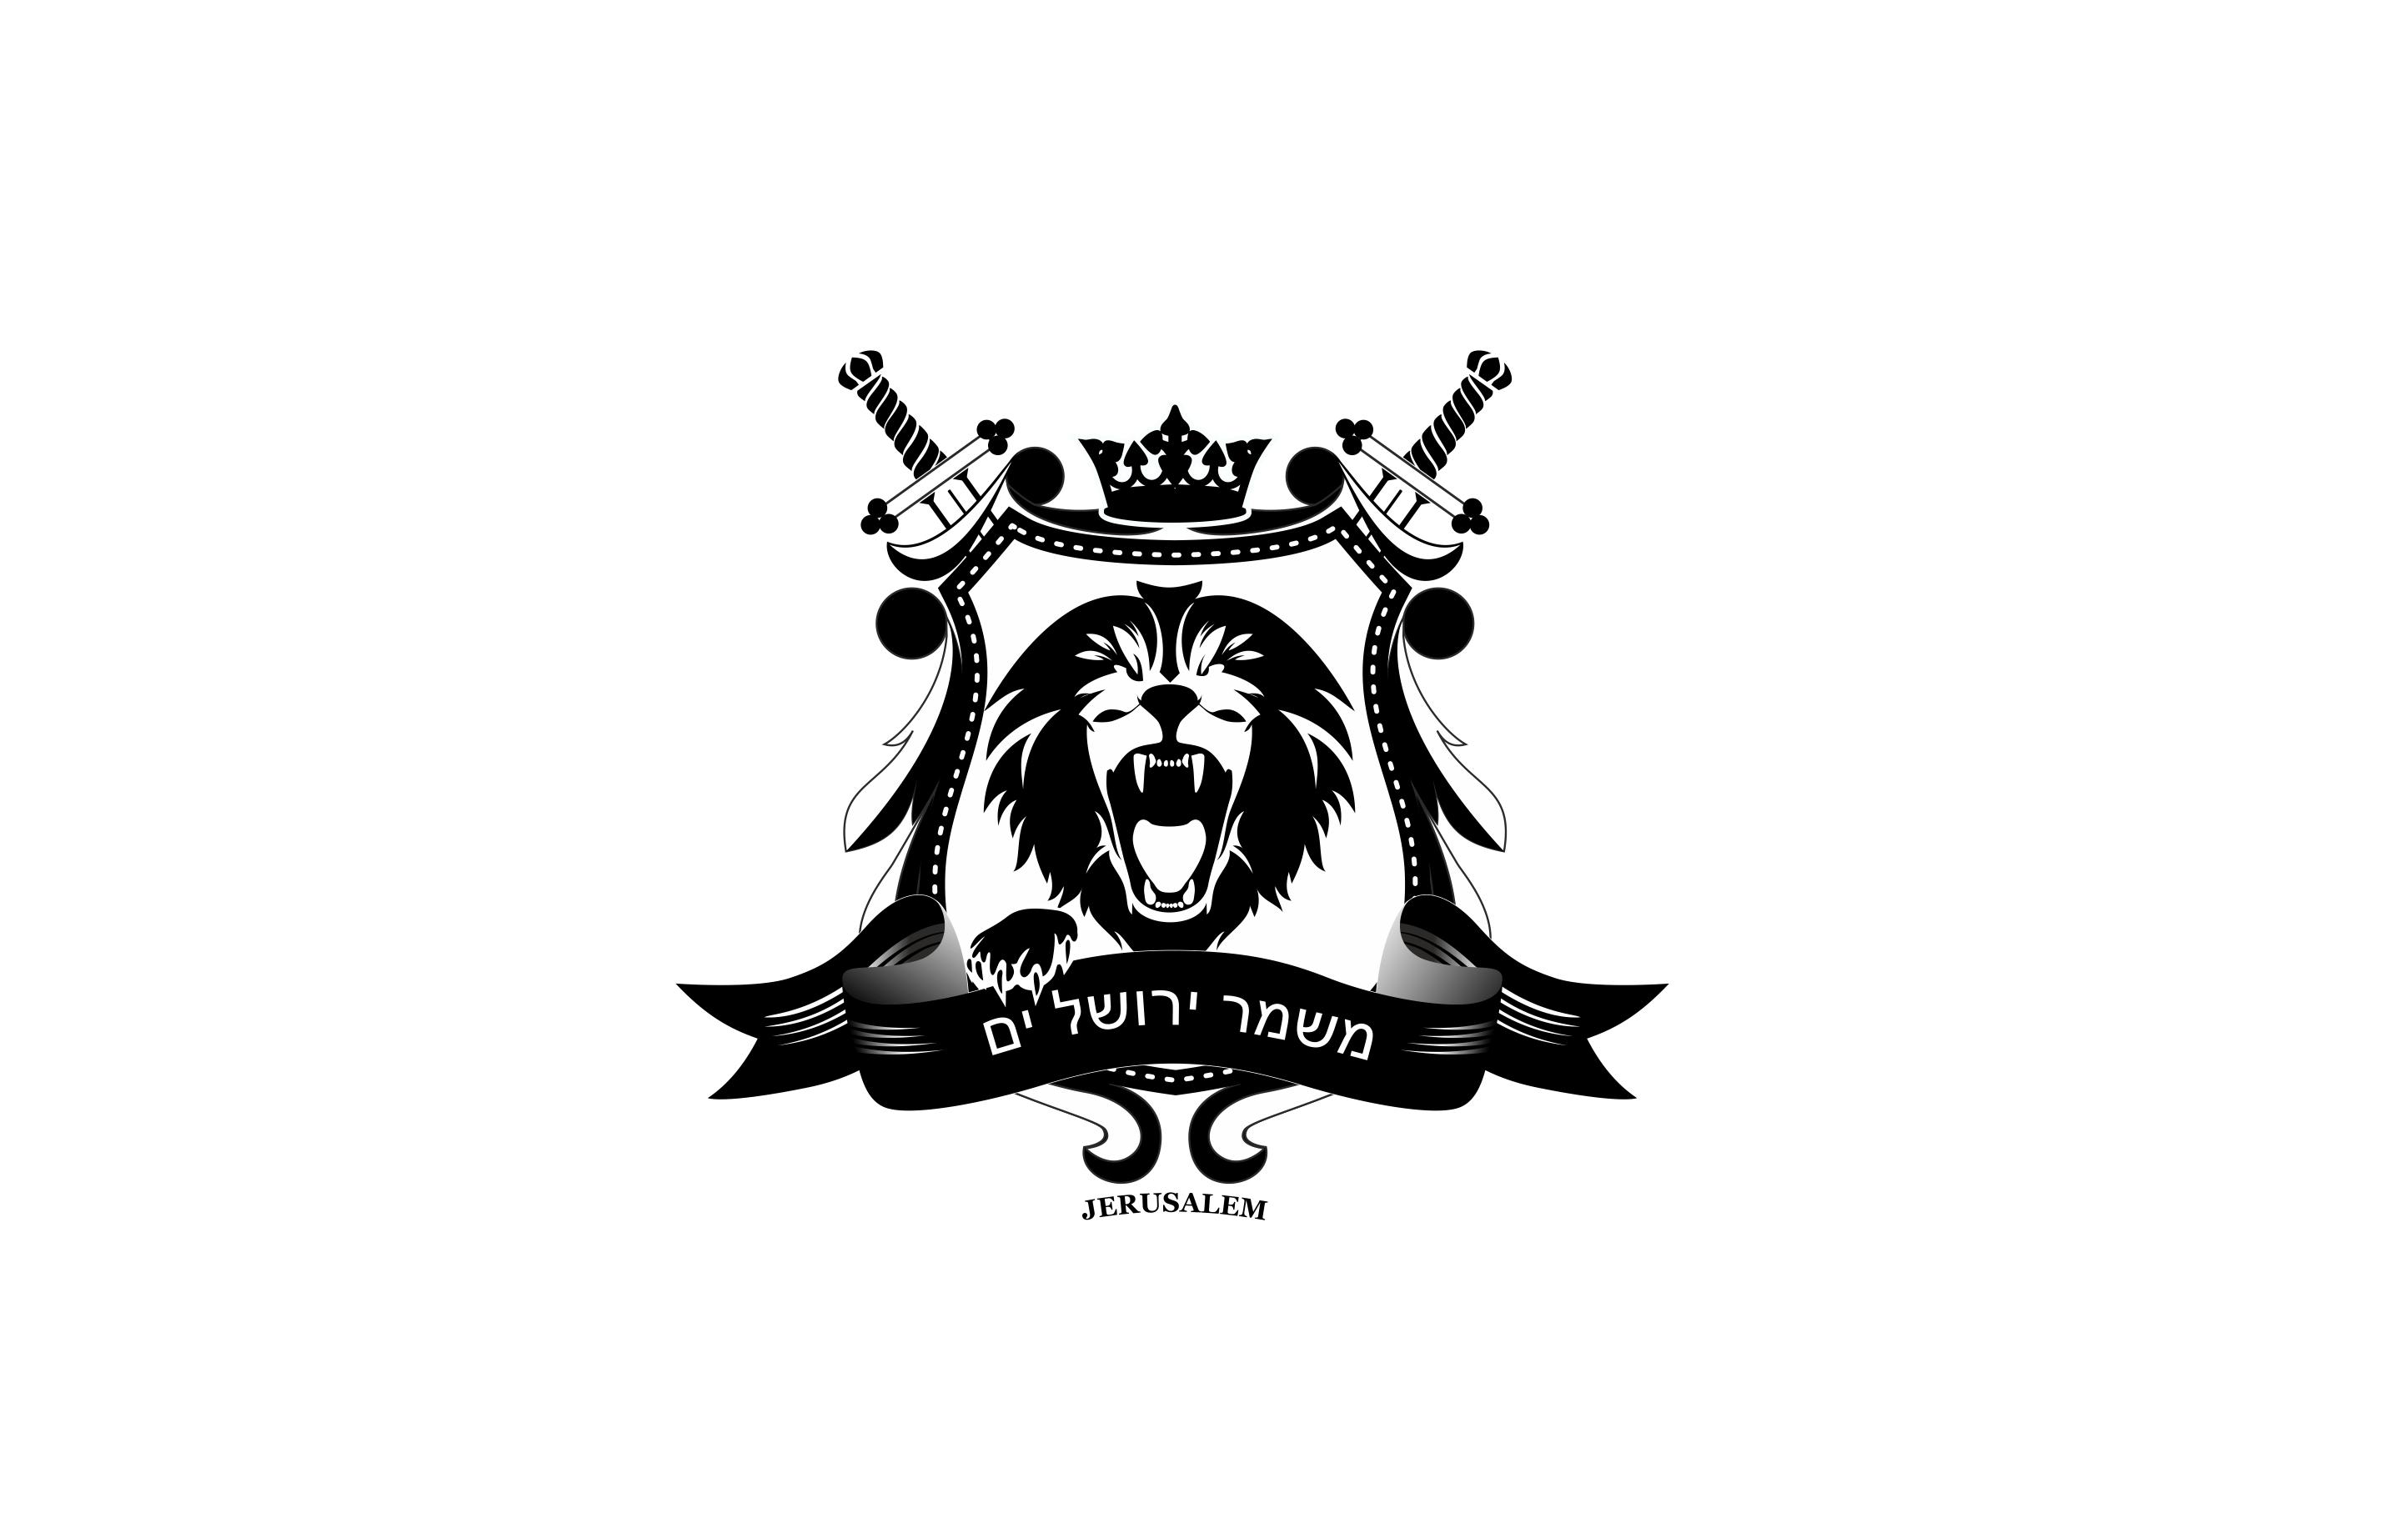 Разработка логотипа. Компания Страж Иерусалима фото f_78551ed58e4ddb18.png